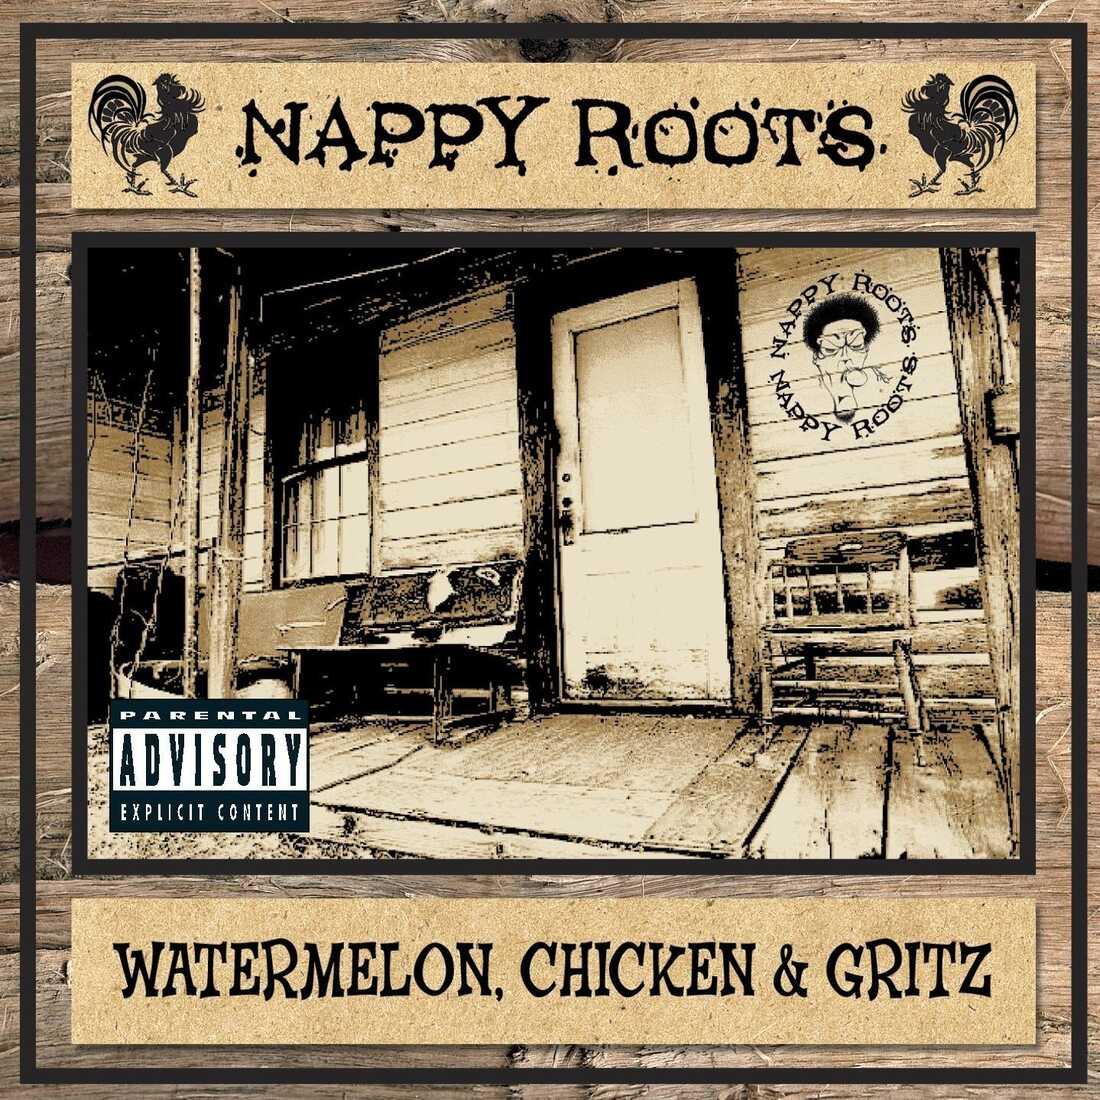 Watermelon, Chicken and Gritz